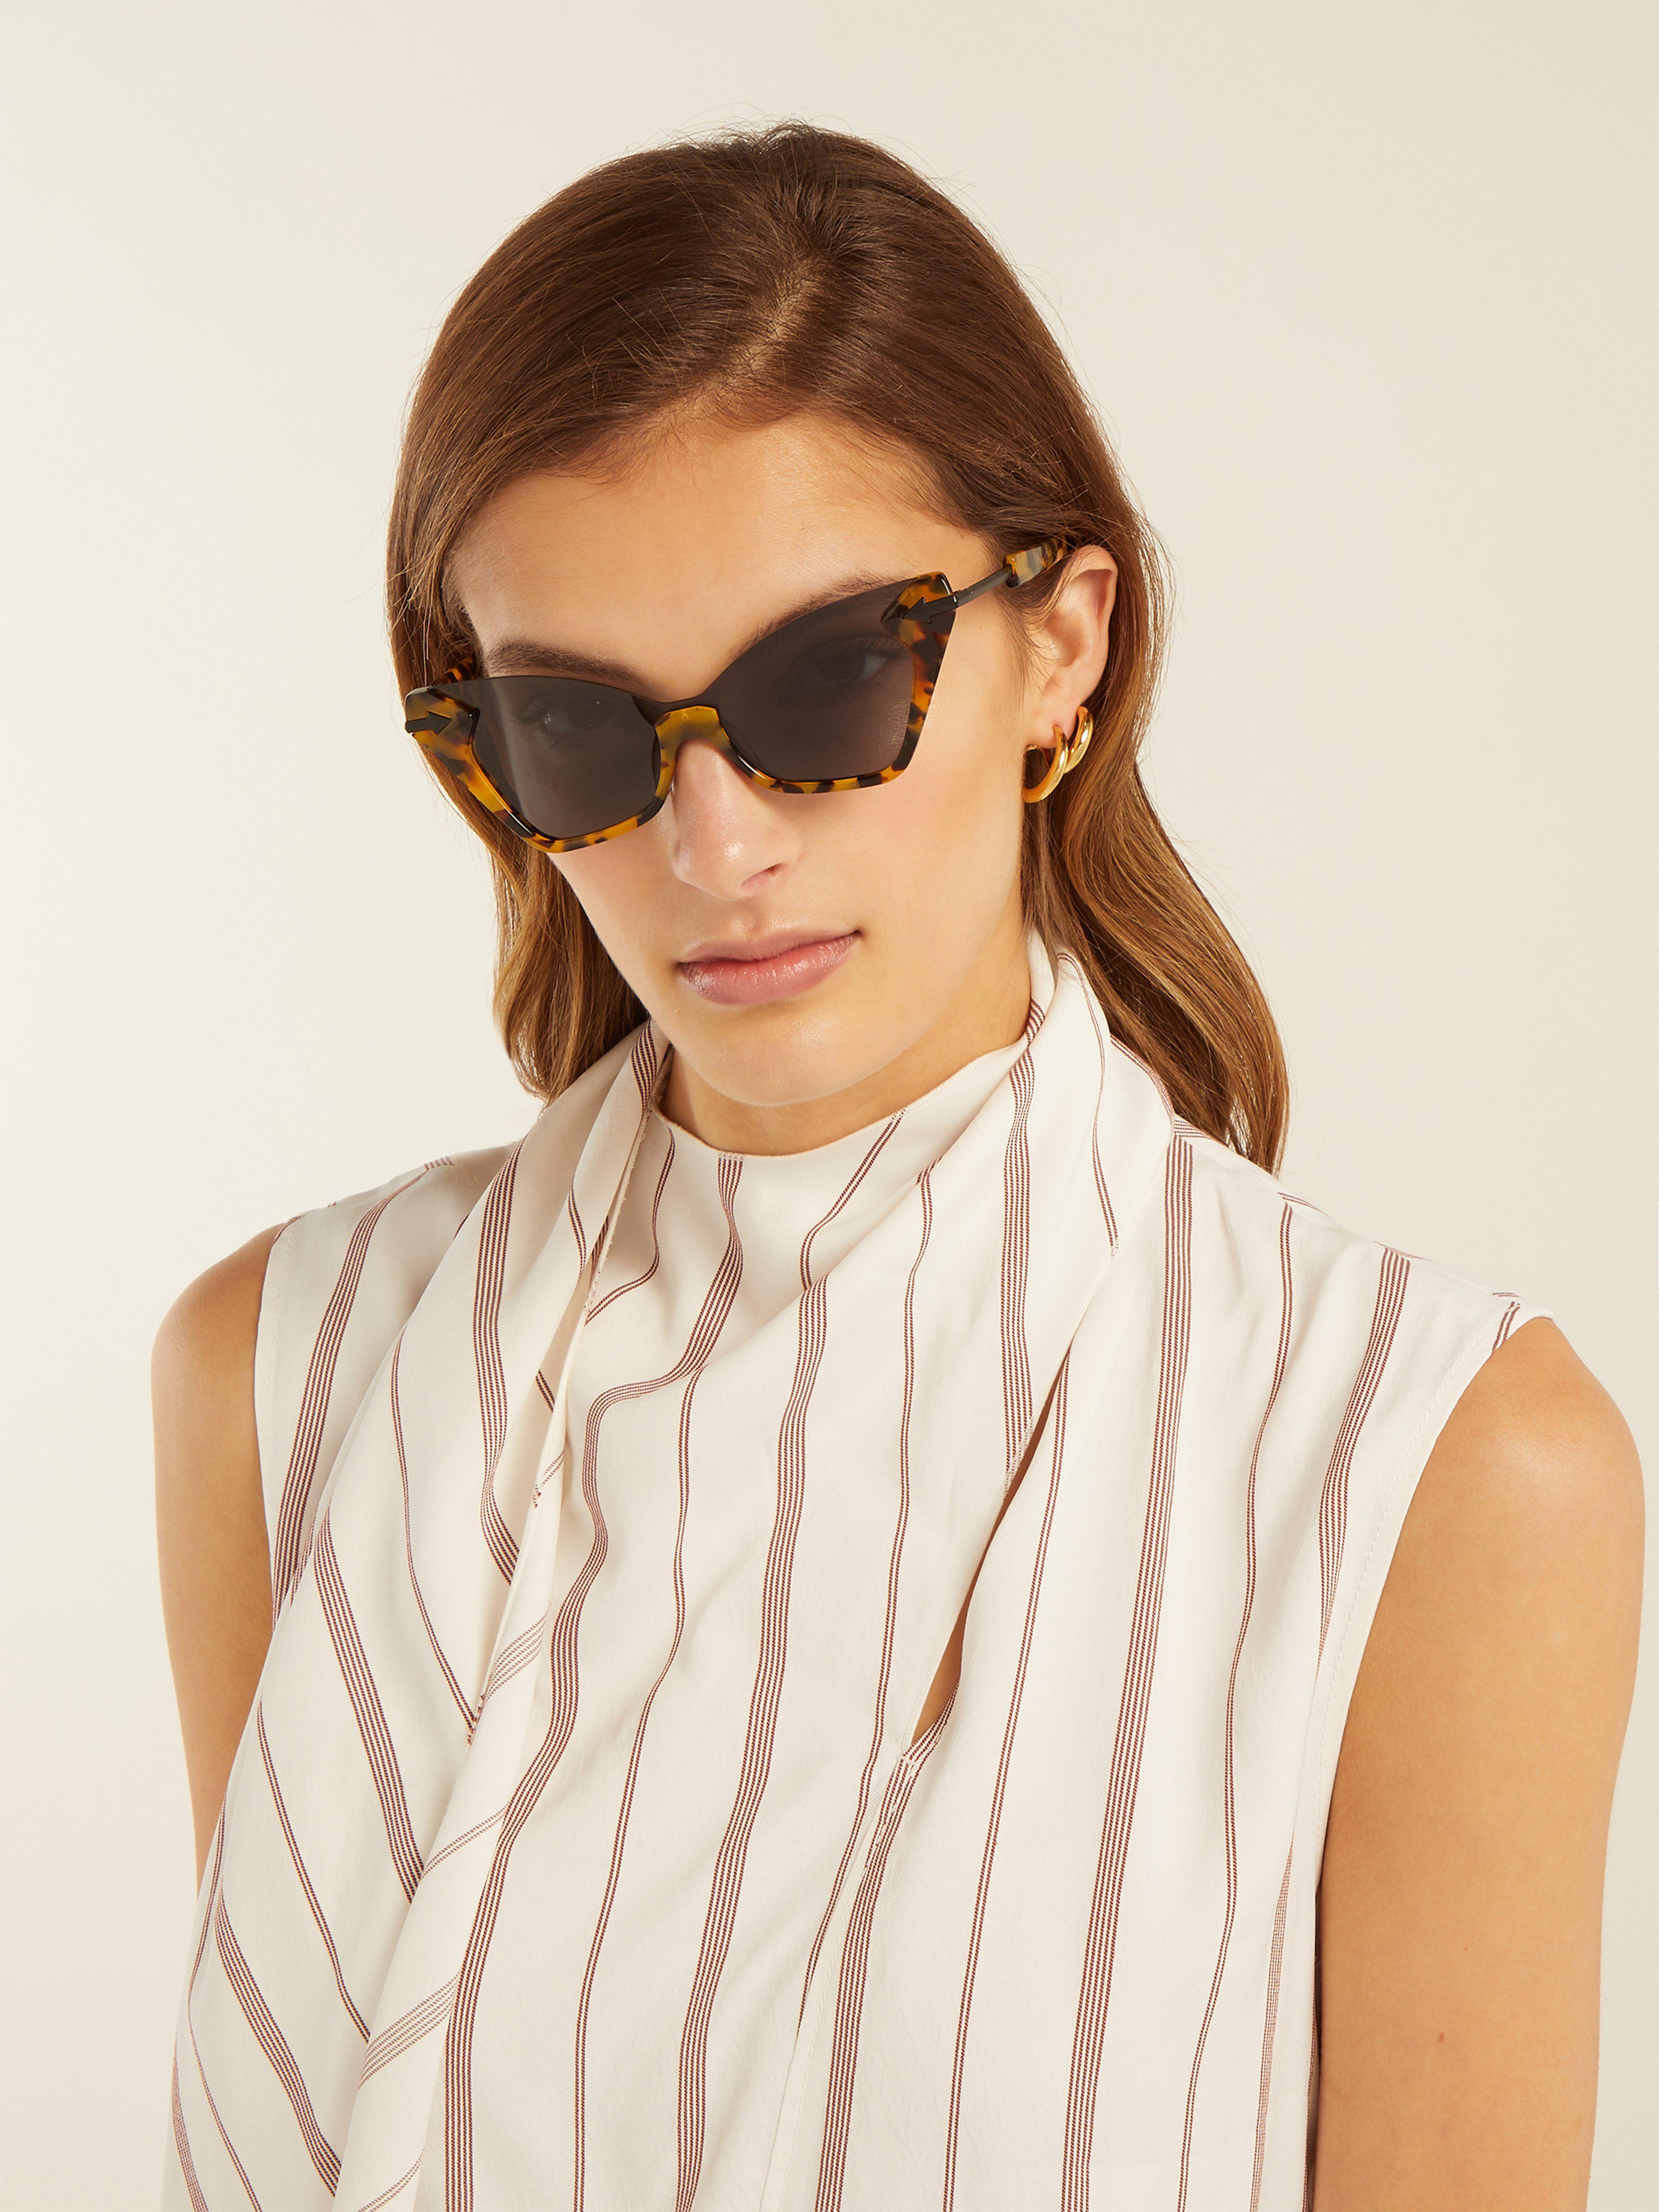 7b2c2550e2 Karen Walker Sweet Tortoiseshell Cat Eye Sunglasses - Lyst